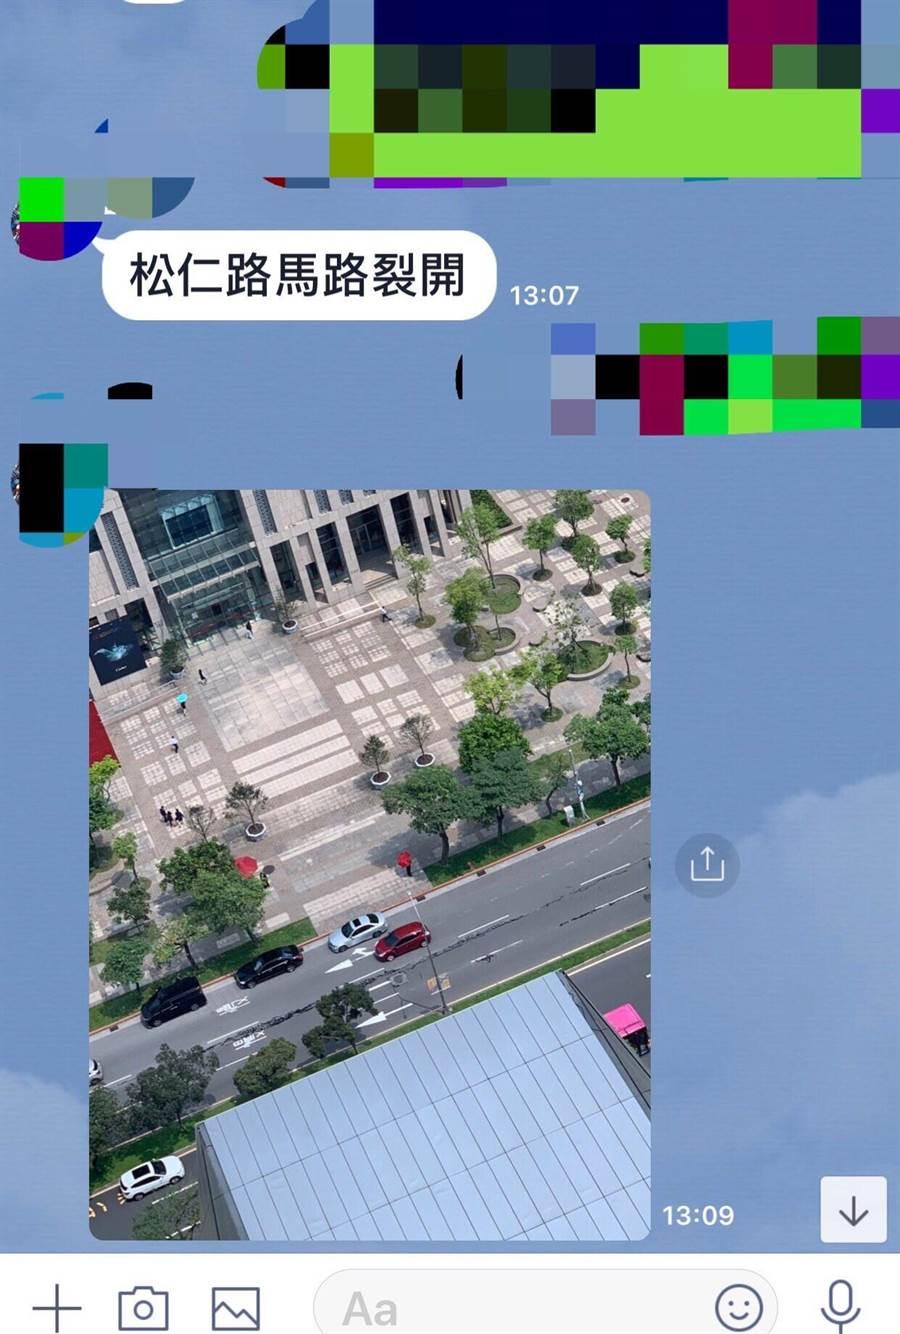 日前地震有人在網路散布北市馬路裂開假消息,遭刑事局傳喚究辦。(警方提供)